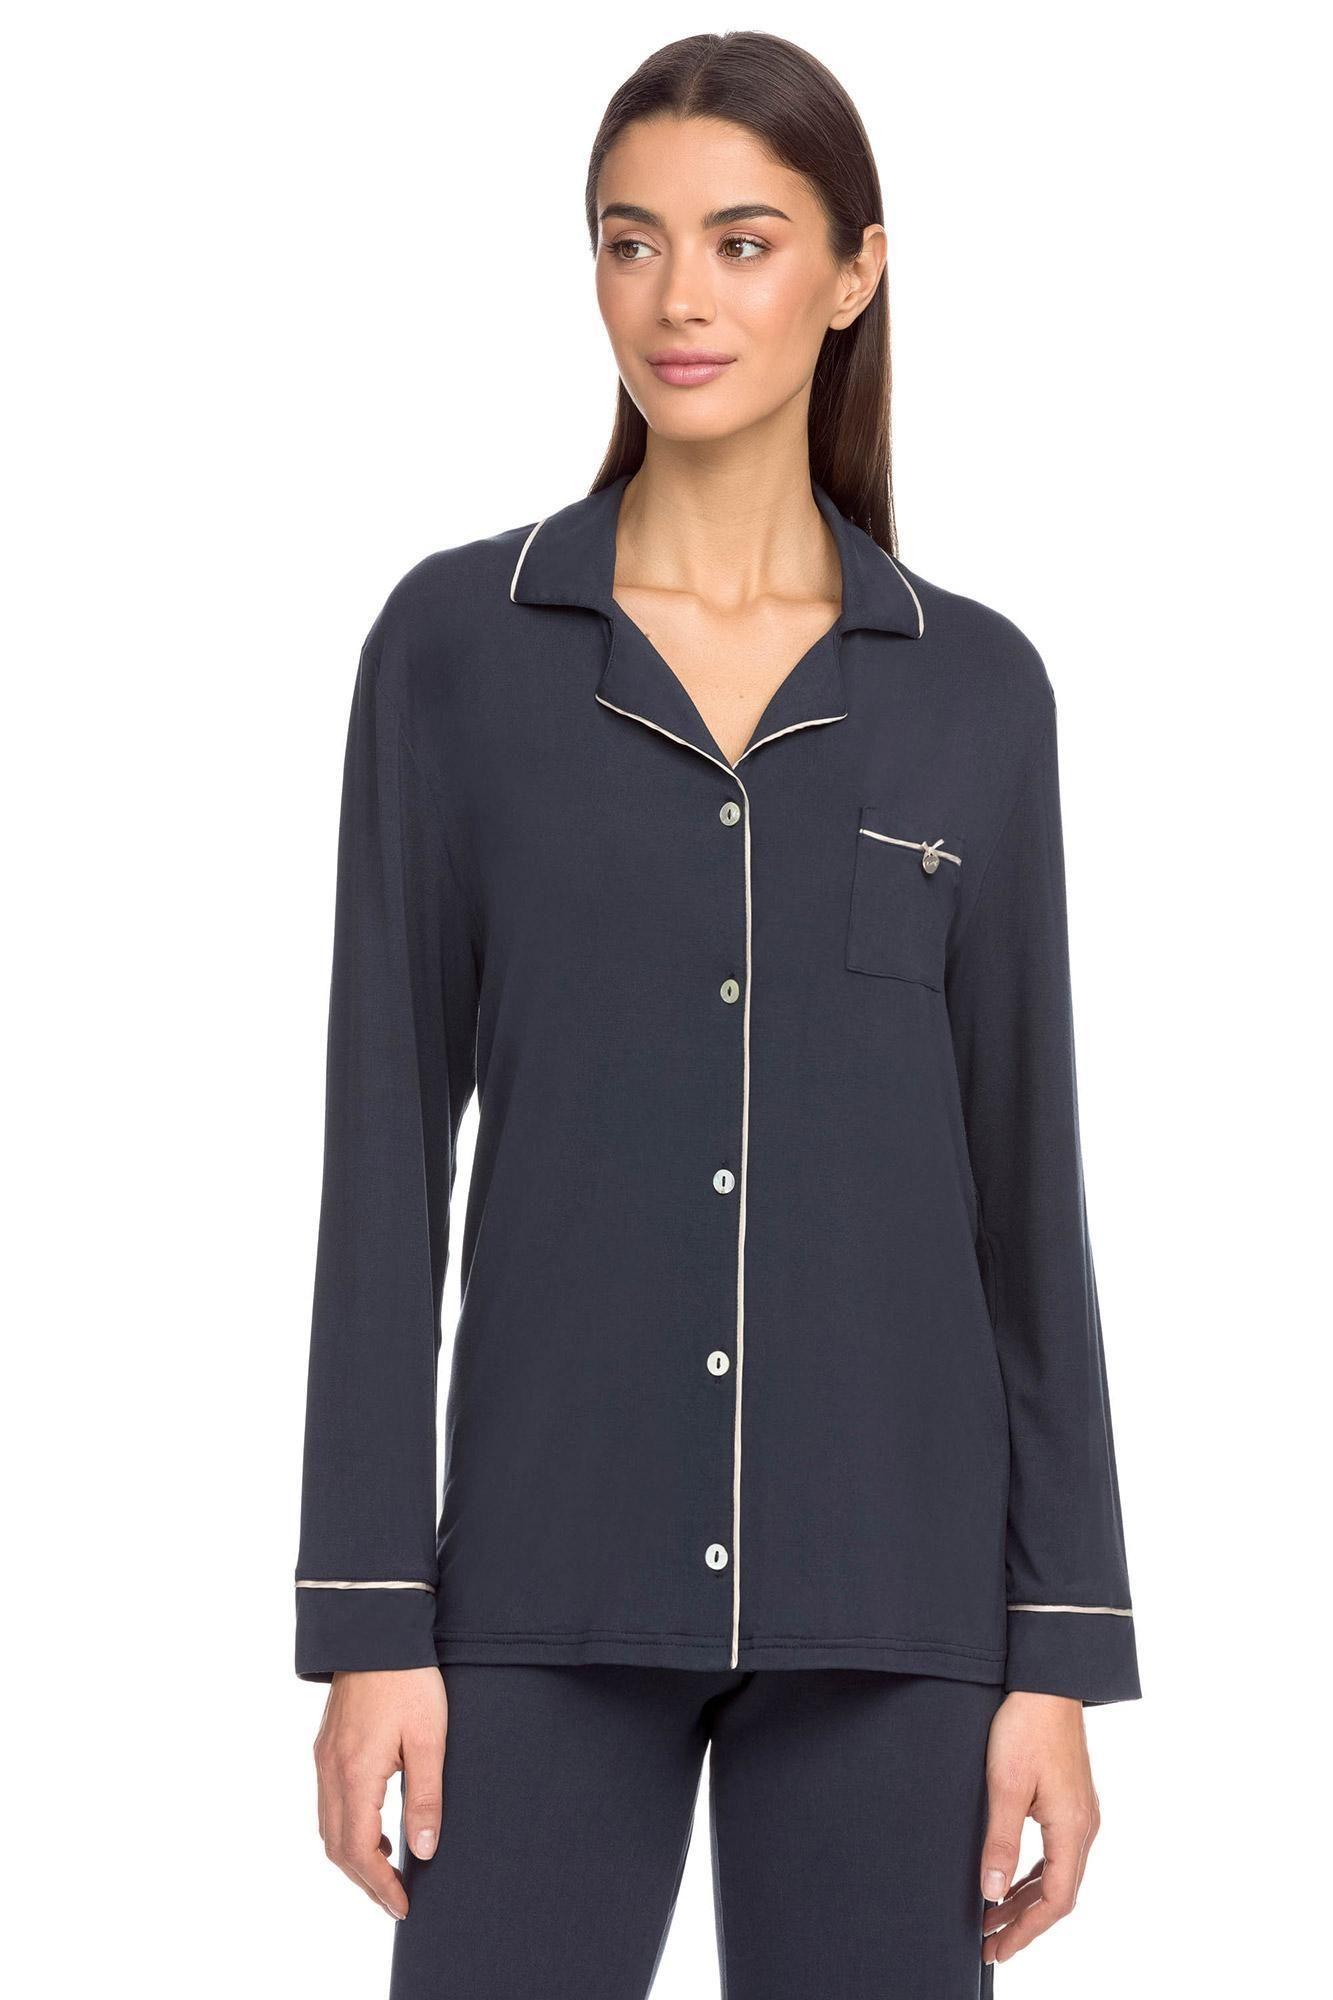 Women's chic Pyjamas